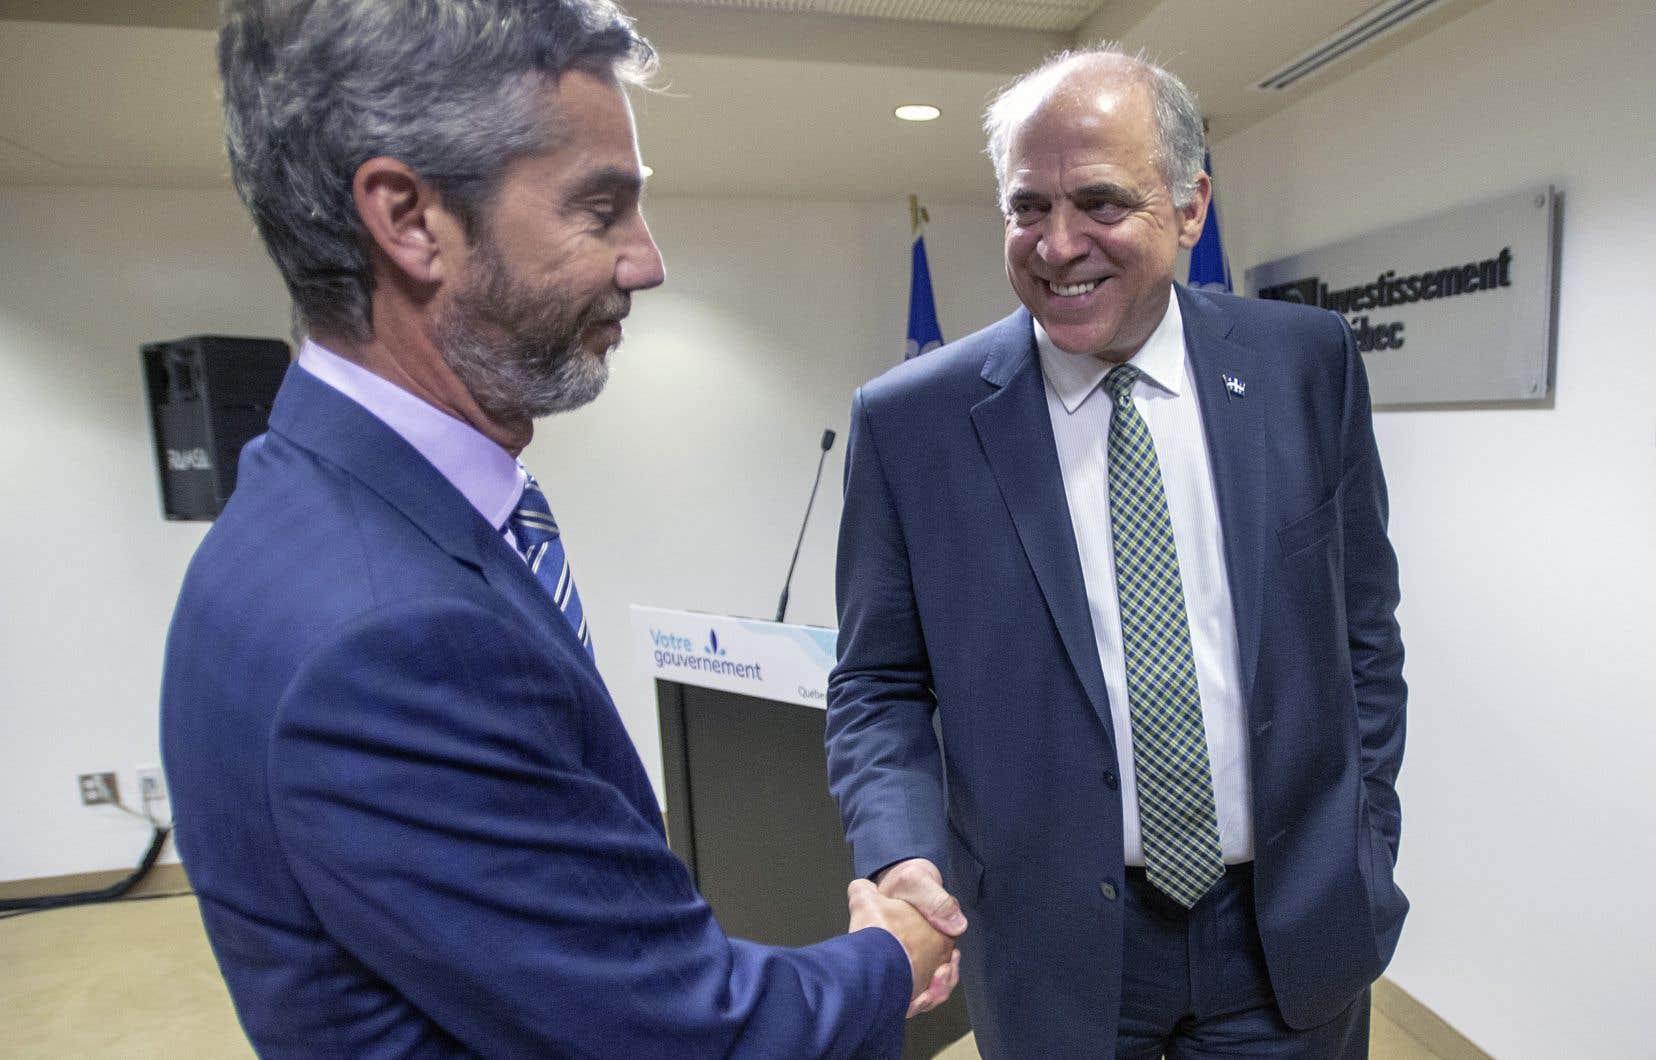 Le p.-d.g. d'Investissement Québec, Guy LeBlanc, et le ministre de l'Économie, Pierre Fitzgibbon